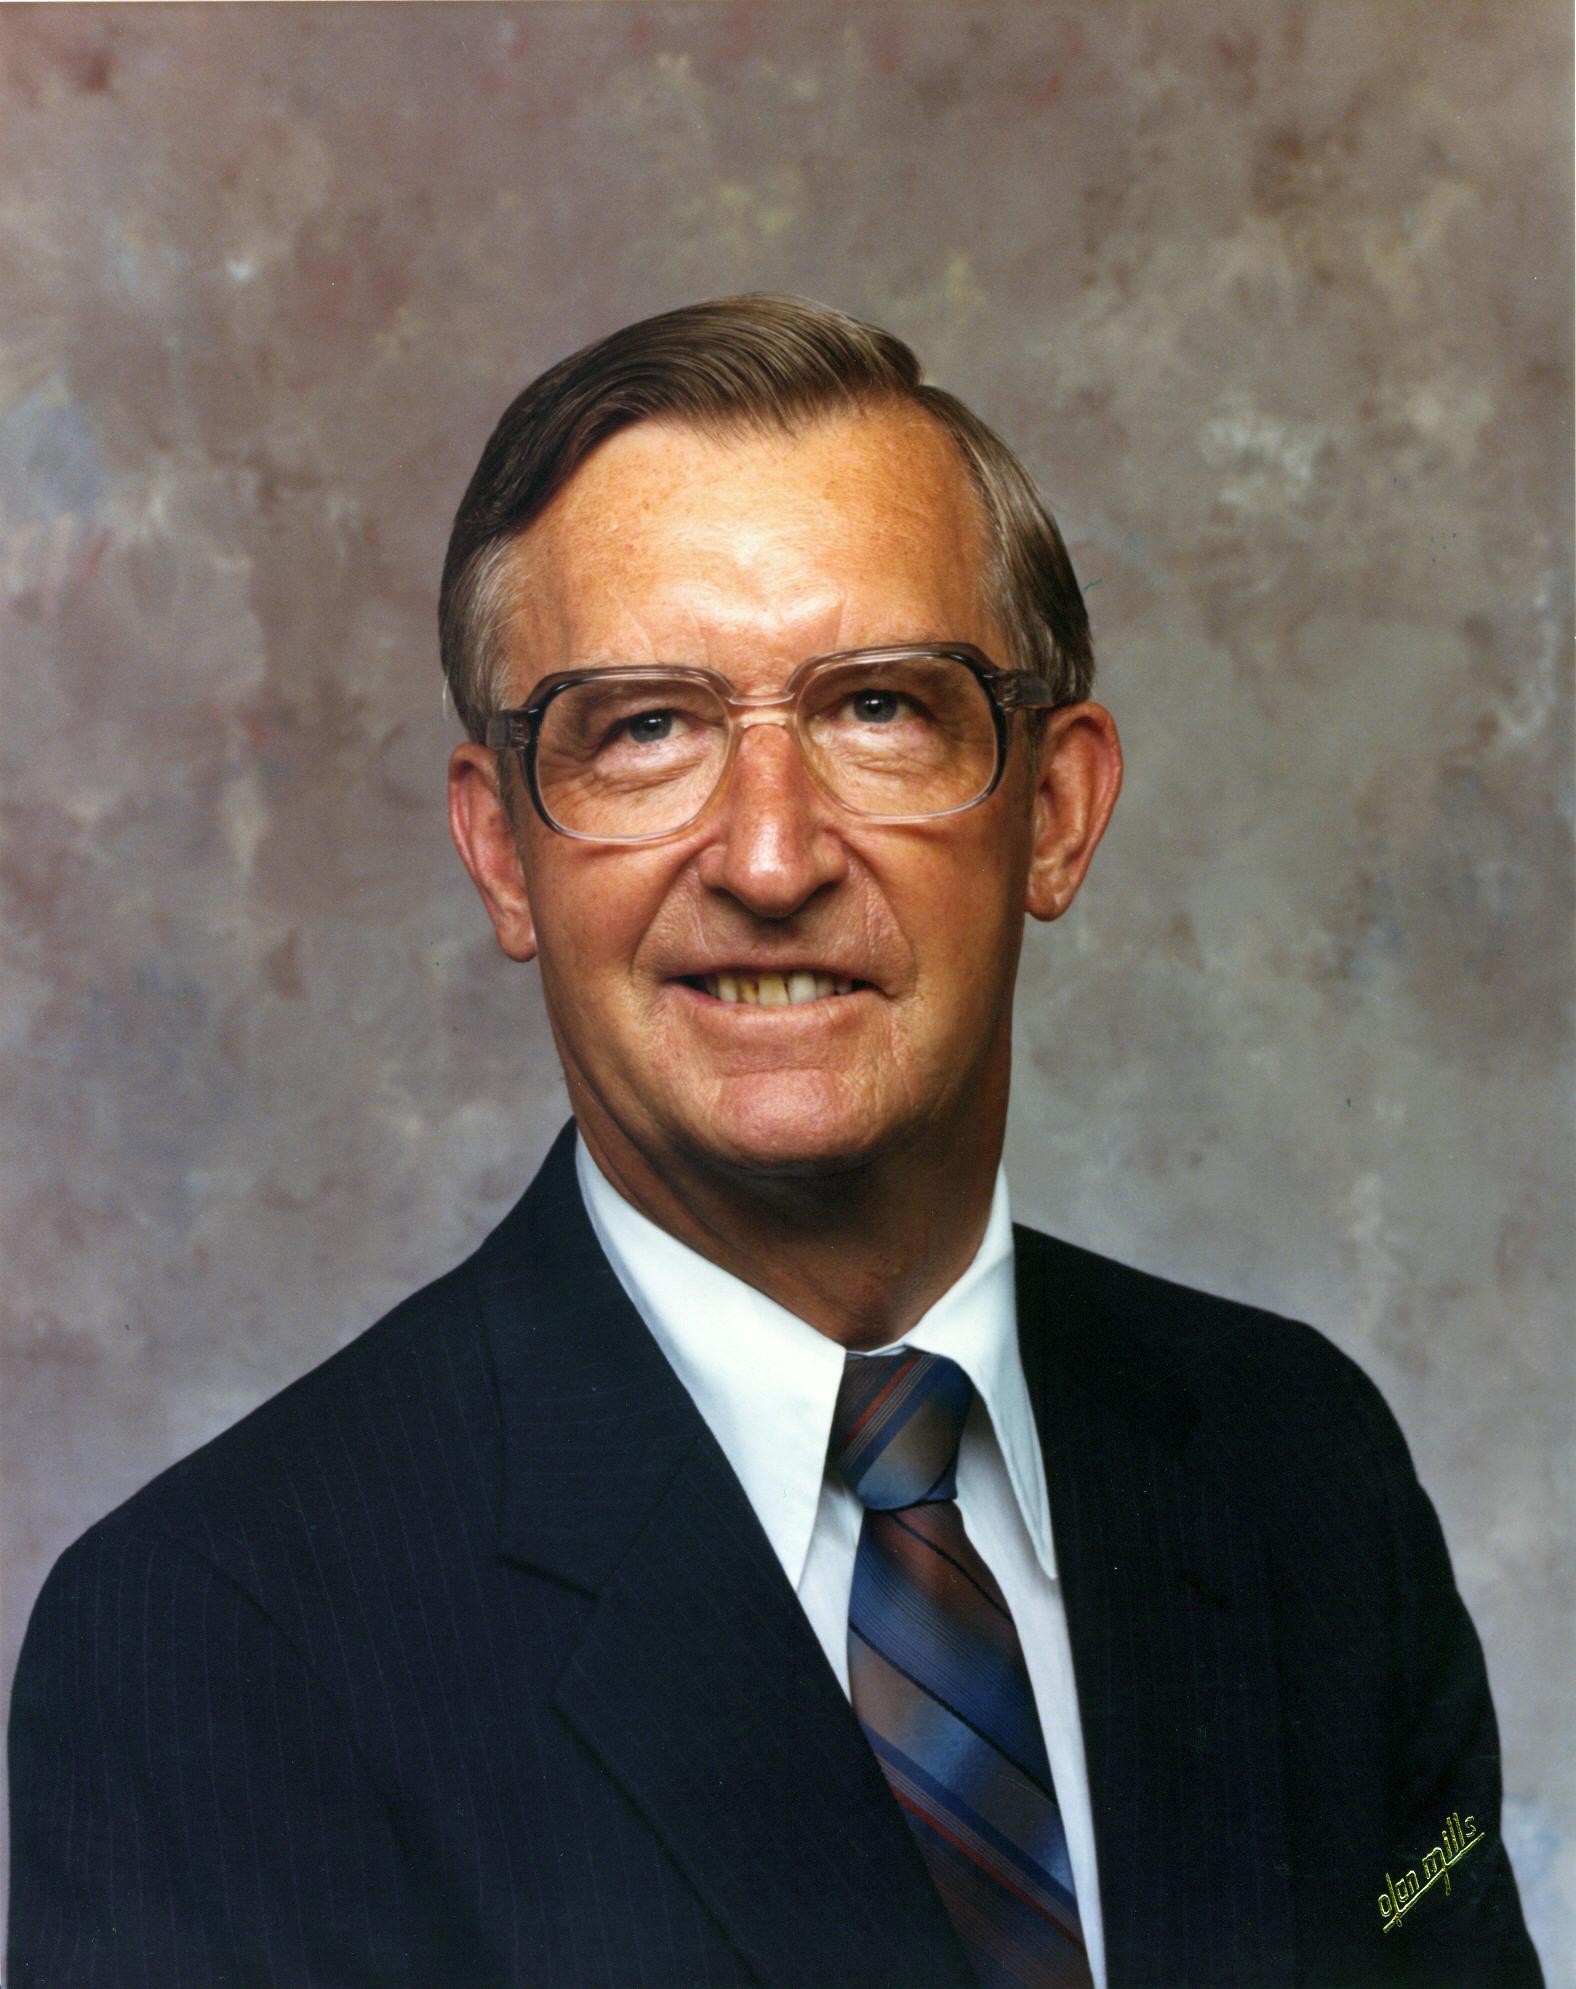 Robert W. Hauptman